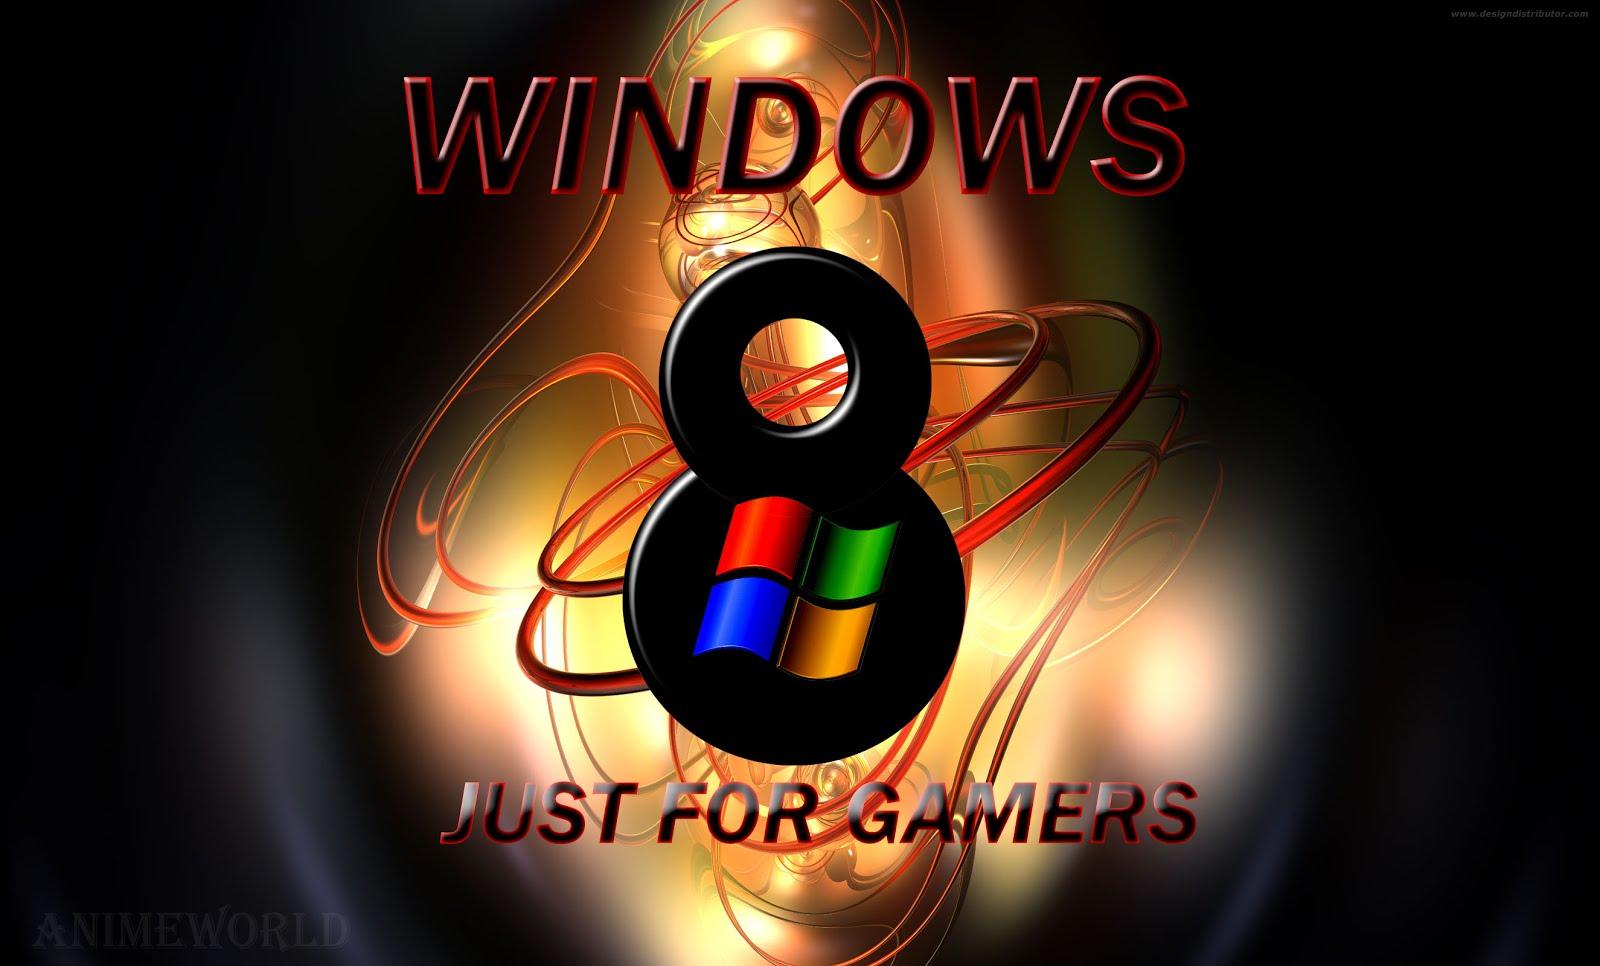 http://4.bp.blogspot.com/-EAIMO0ufrac/UMa7EPV3c_I/AAAAAAAABTE/2KDBKAjEnjE/s1600/windows_8_wallpaper_02.jpg